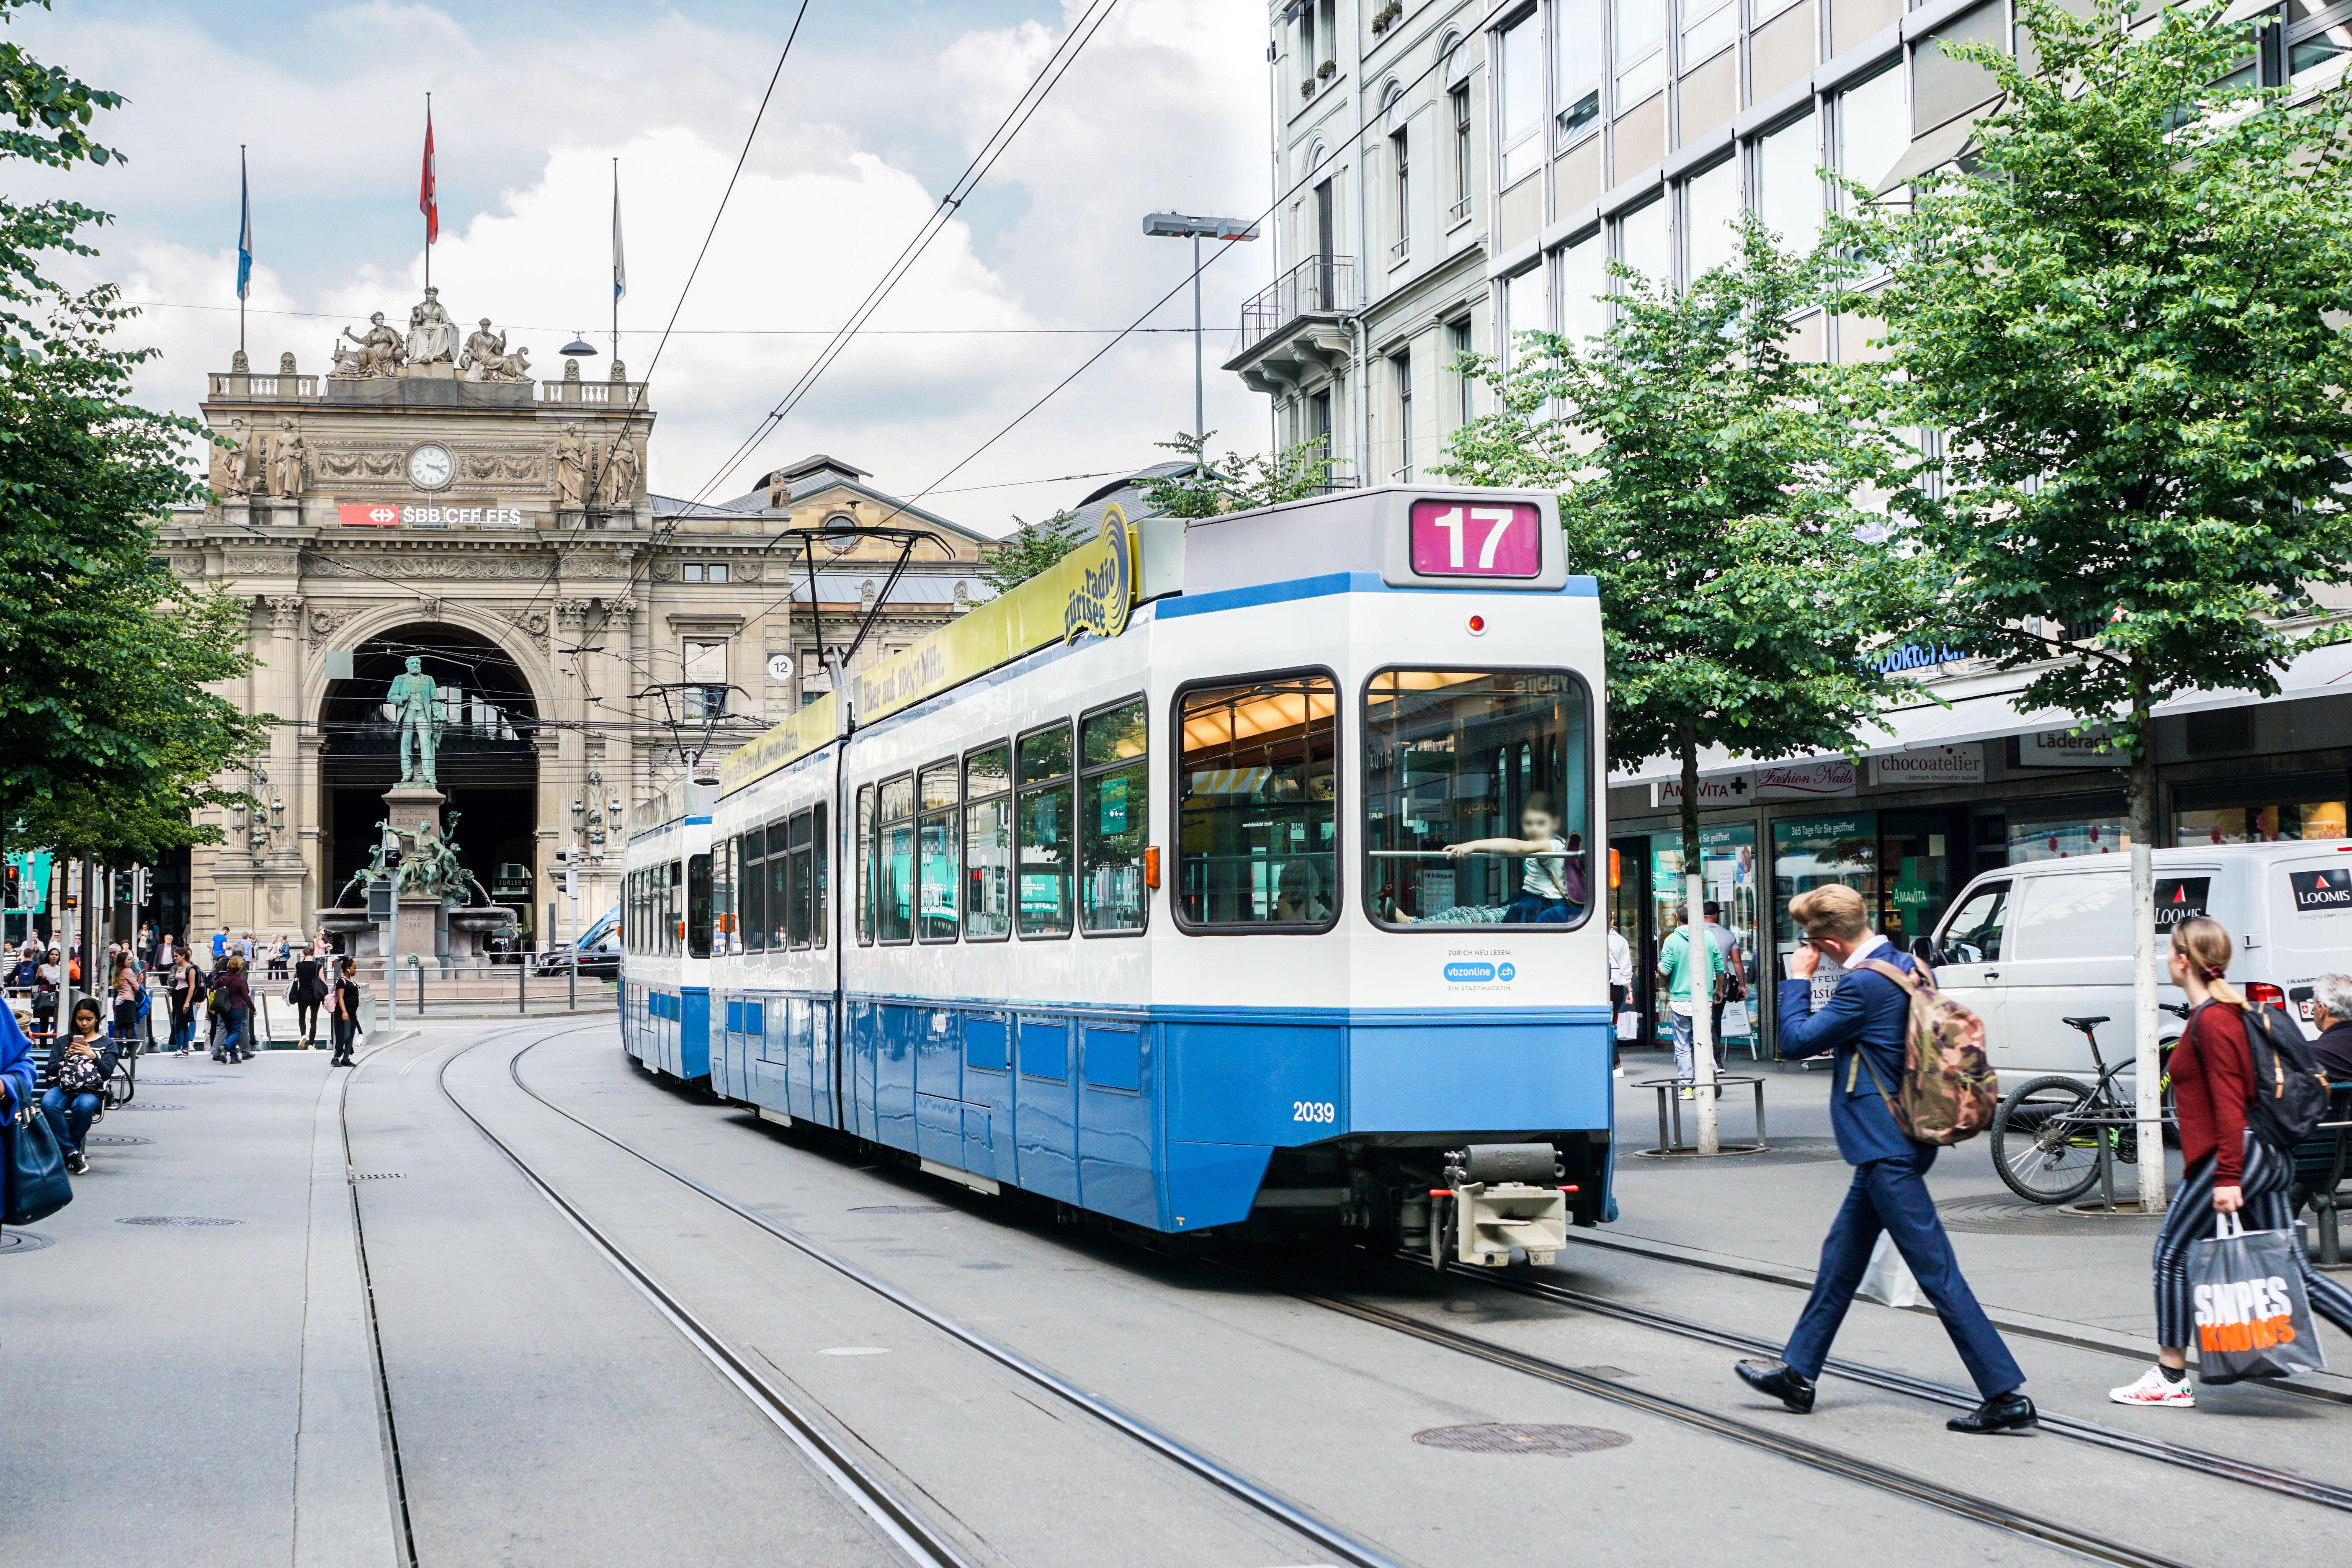 Zurich Stadt City See Brucke Haus Mieten Wohnen Kaufen Leben Geniessen Einrichten Suchen Strassenbahn In Zurich Wohnung Mieten Zurich Wohnung